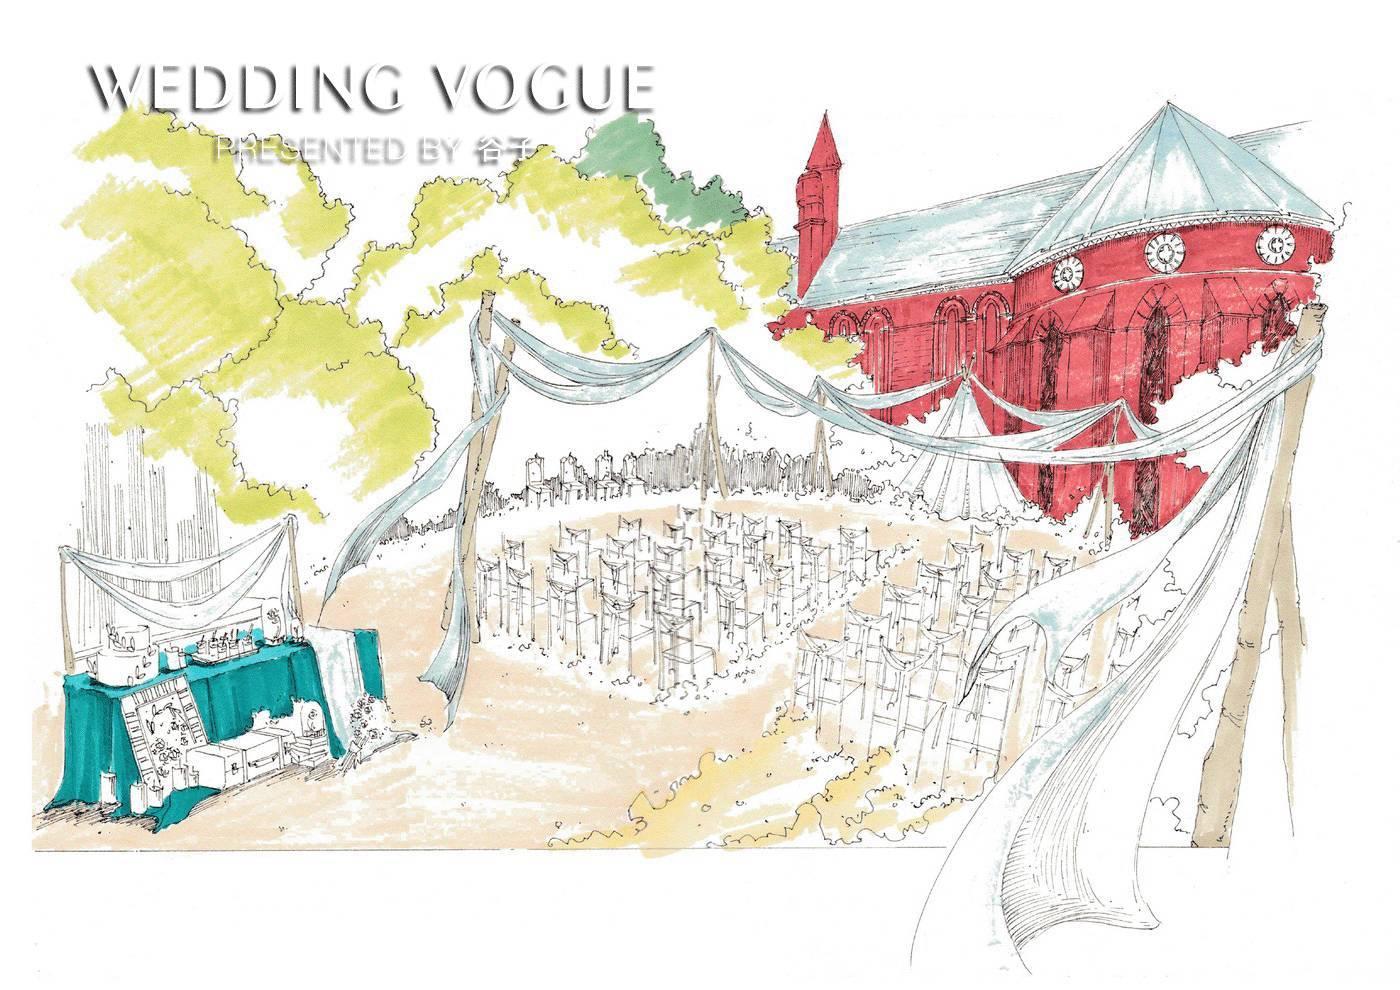 【婚礼手绘】还原户外小清新婚礼场景仅需两步